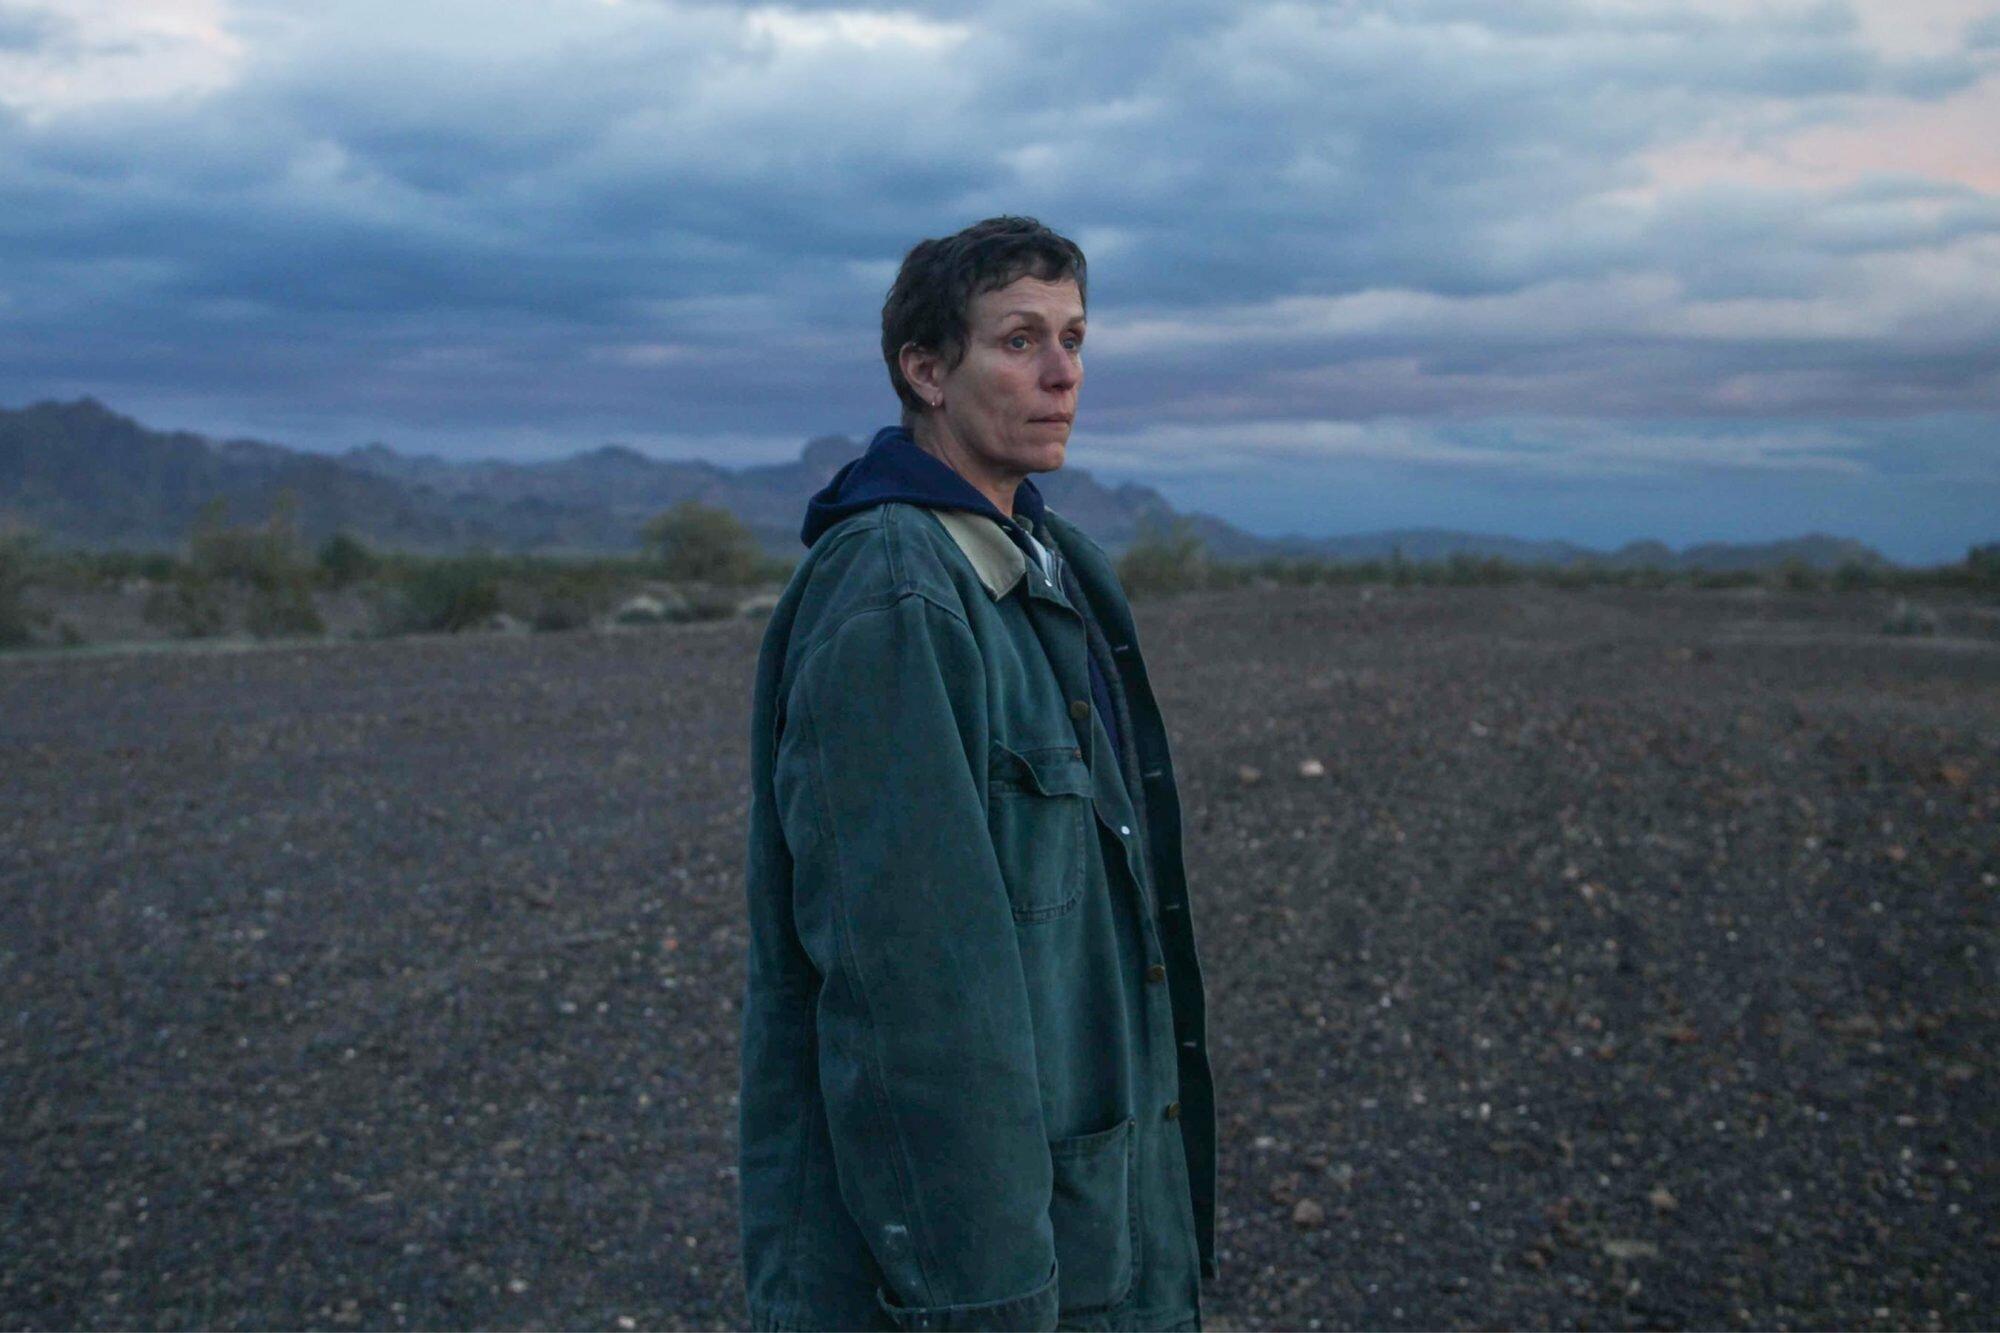 """Χρυσές Σφαίρες: Βραβείο καλύτερης σκηνοθεσίας για το """"Nomadland"""" και την Κλόε Ζάο"""